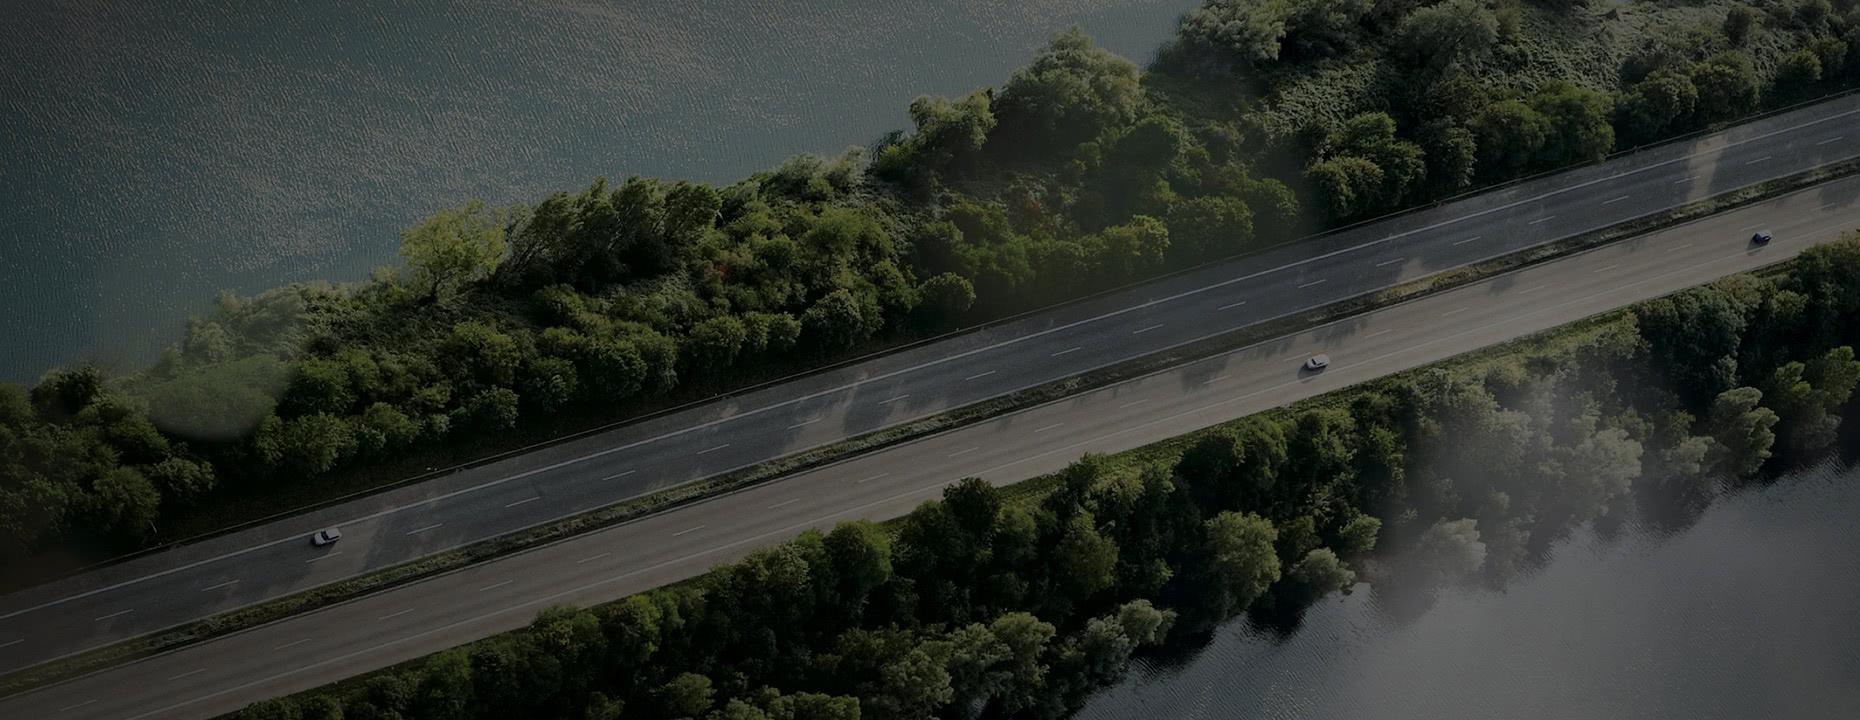 Нове покоління Hyundai i20: емоційний дизайн та інноваційні технології | Івано-Франківськ - фото 13